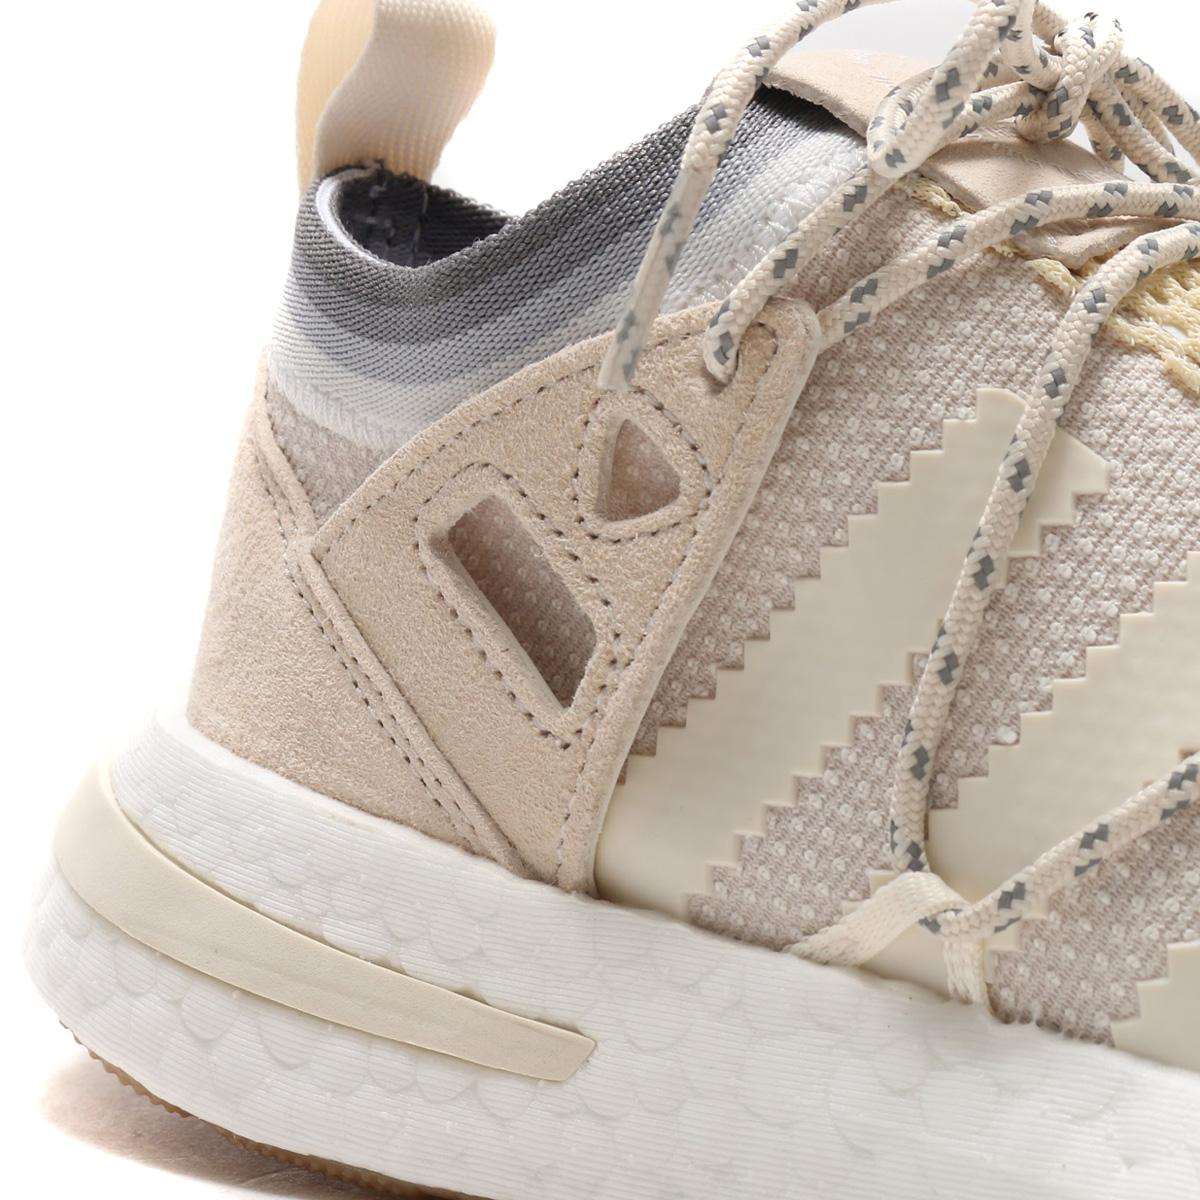 quality design b279f 6e79c adidas Originals ARKYN W (Adidas originals Arkin W) Chalk WhiteWhiteGum  18SS-S